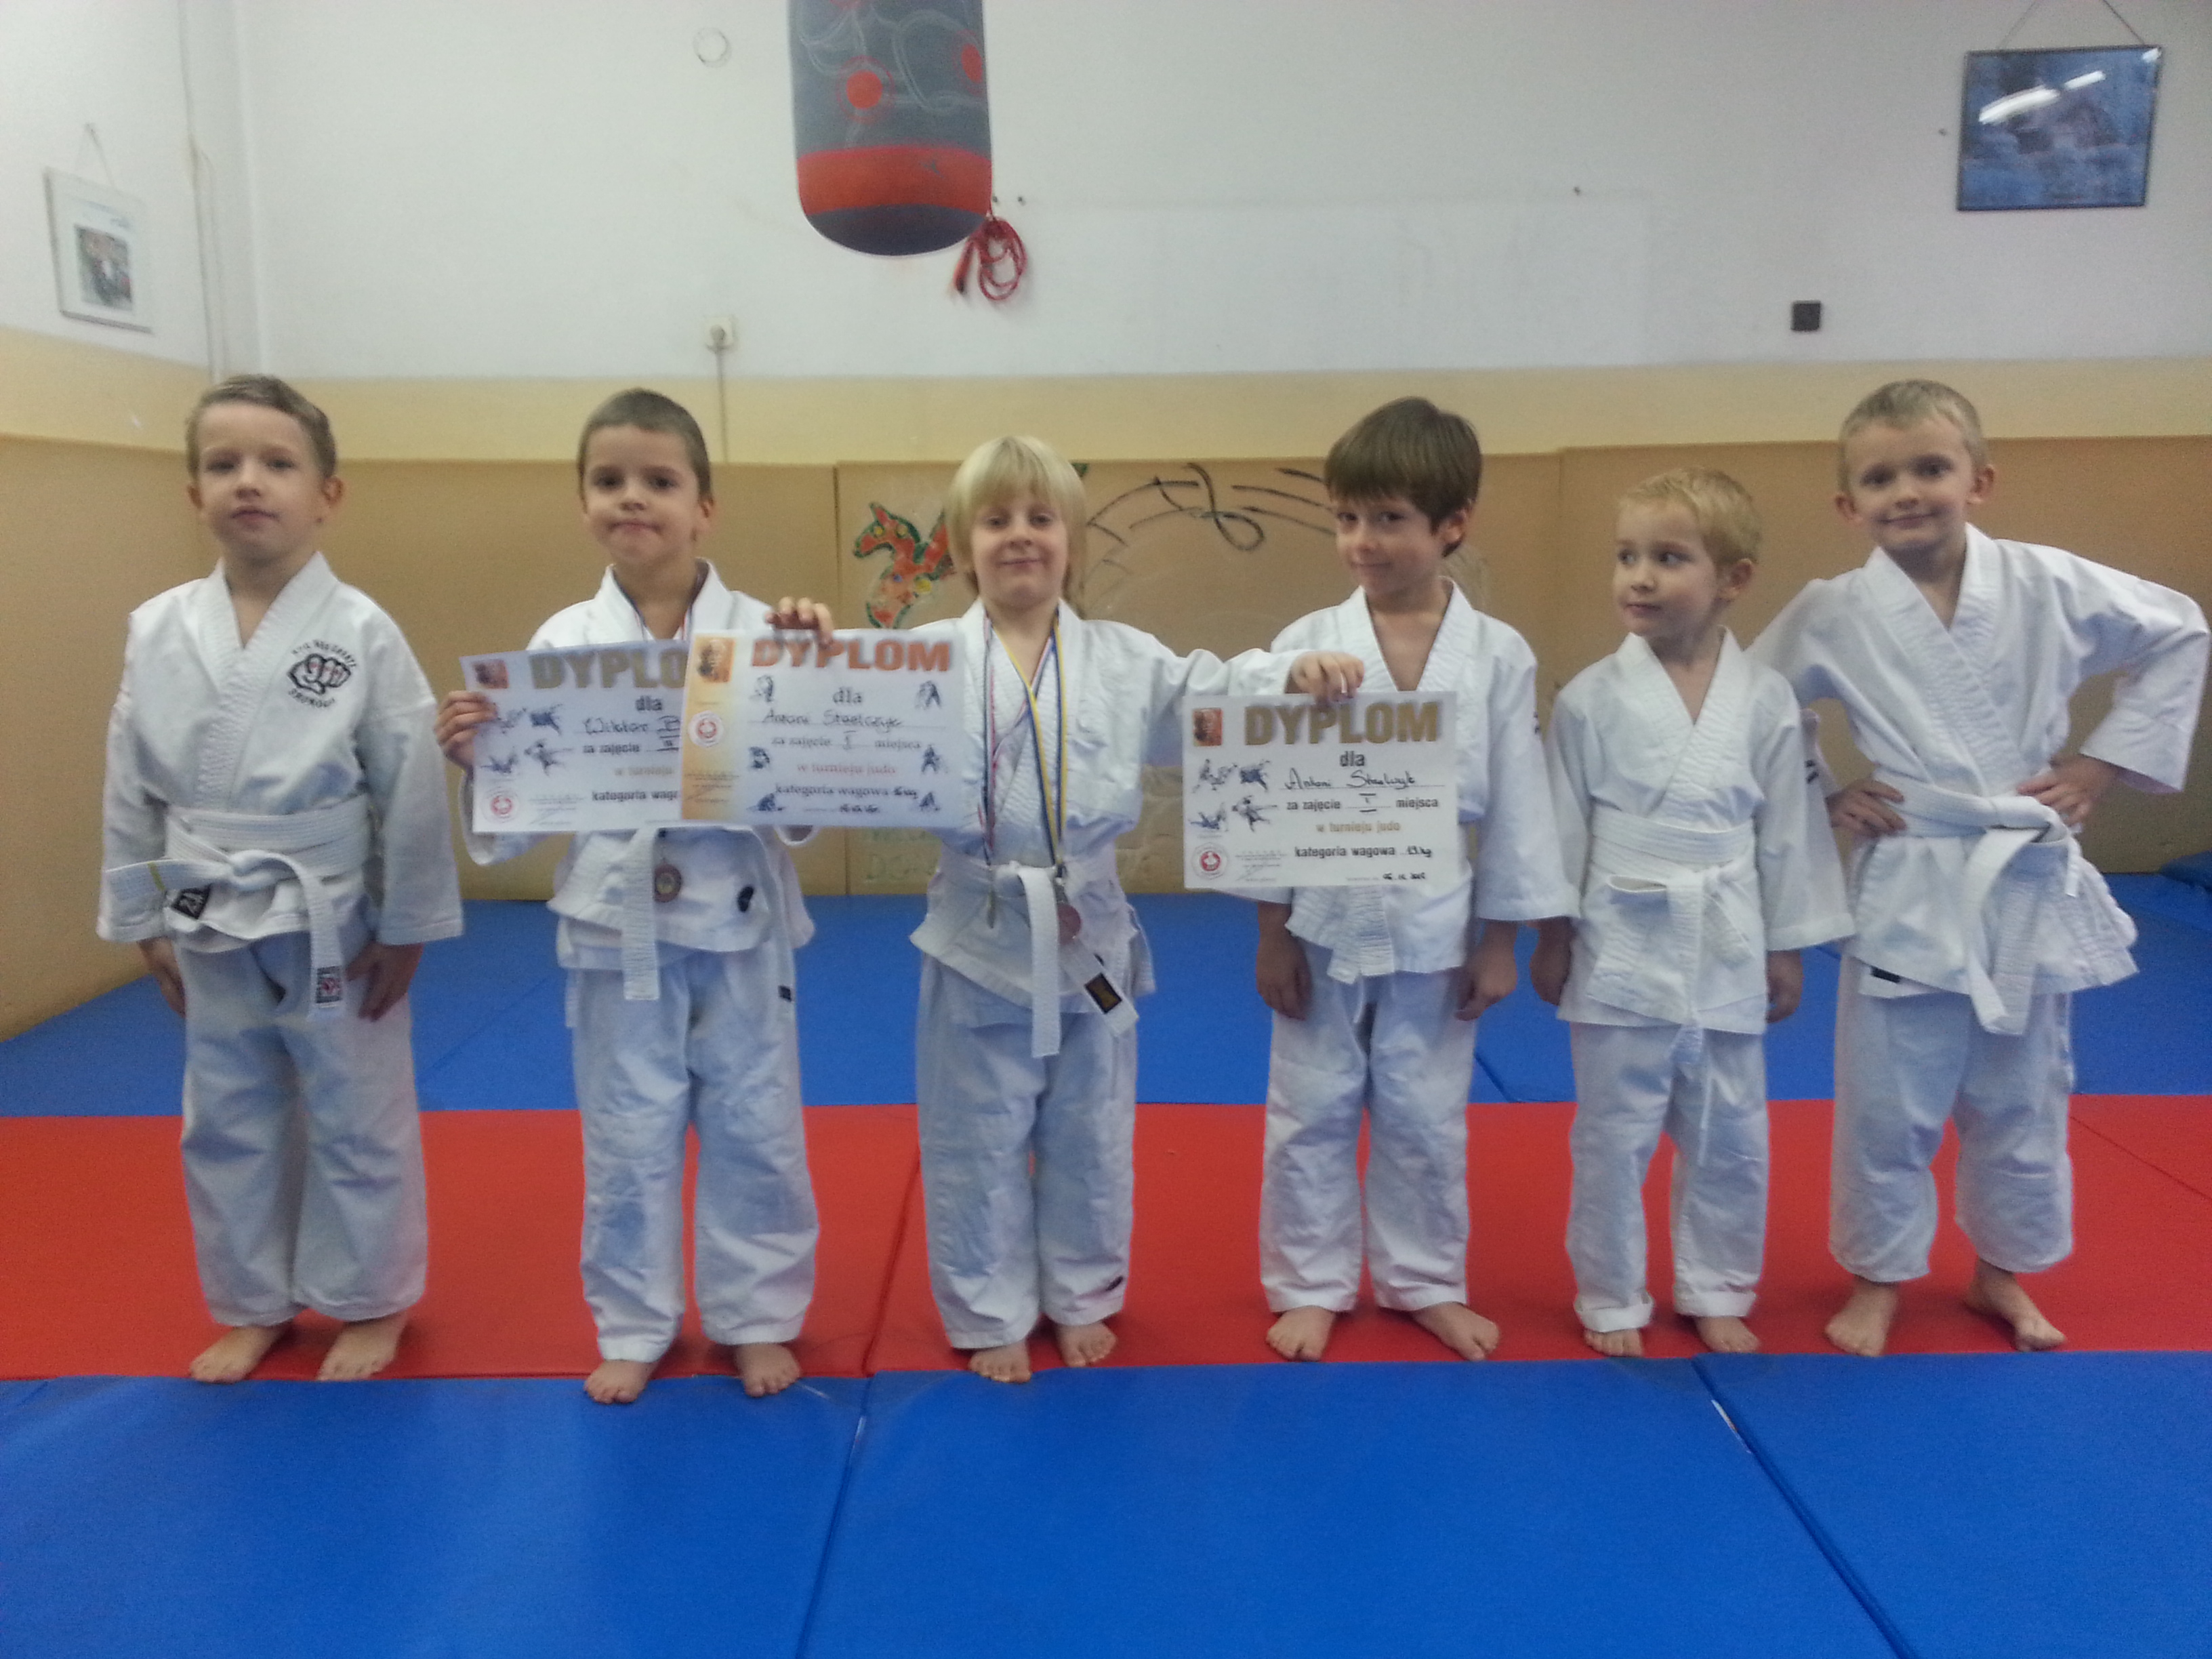 Judocy na Medal!